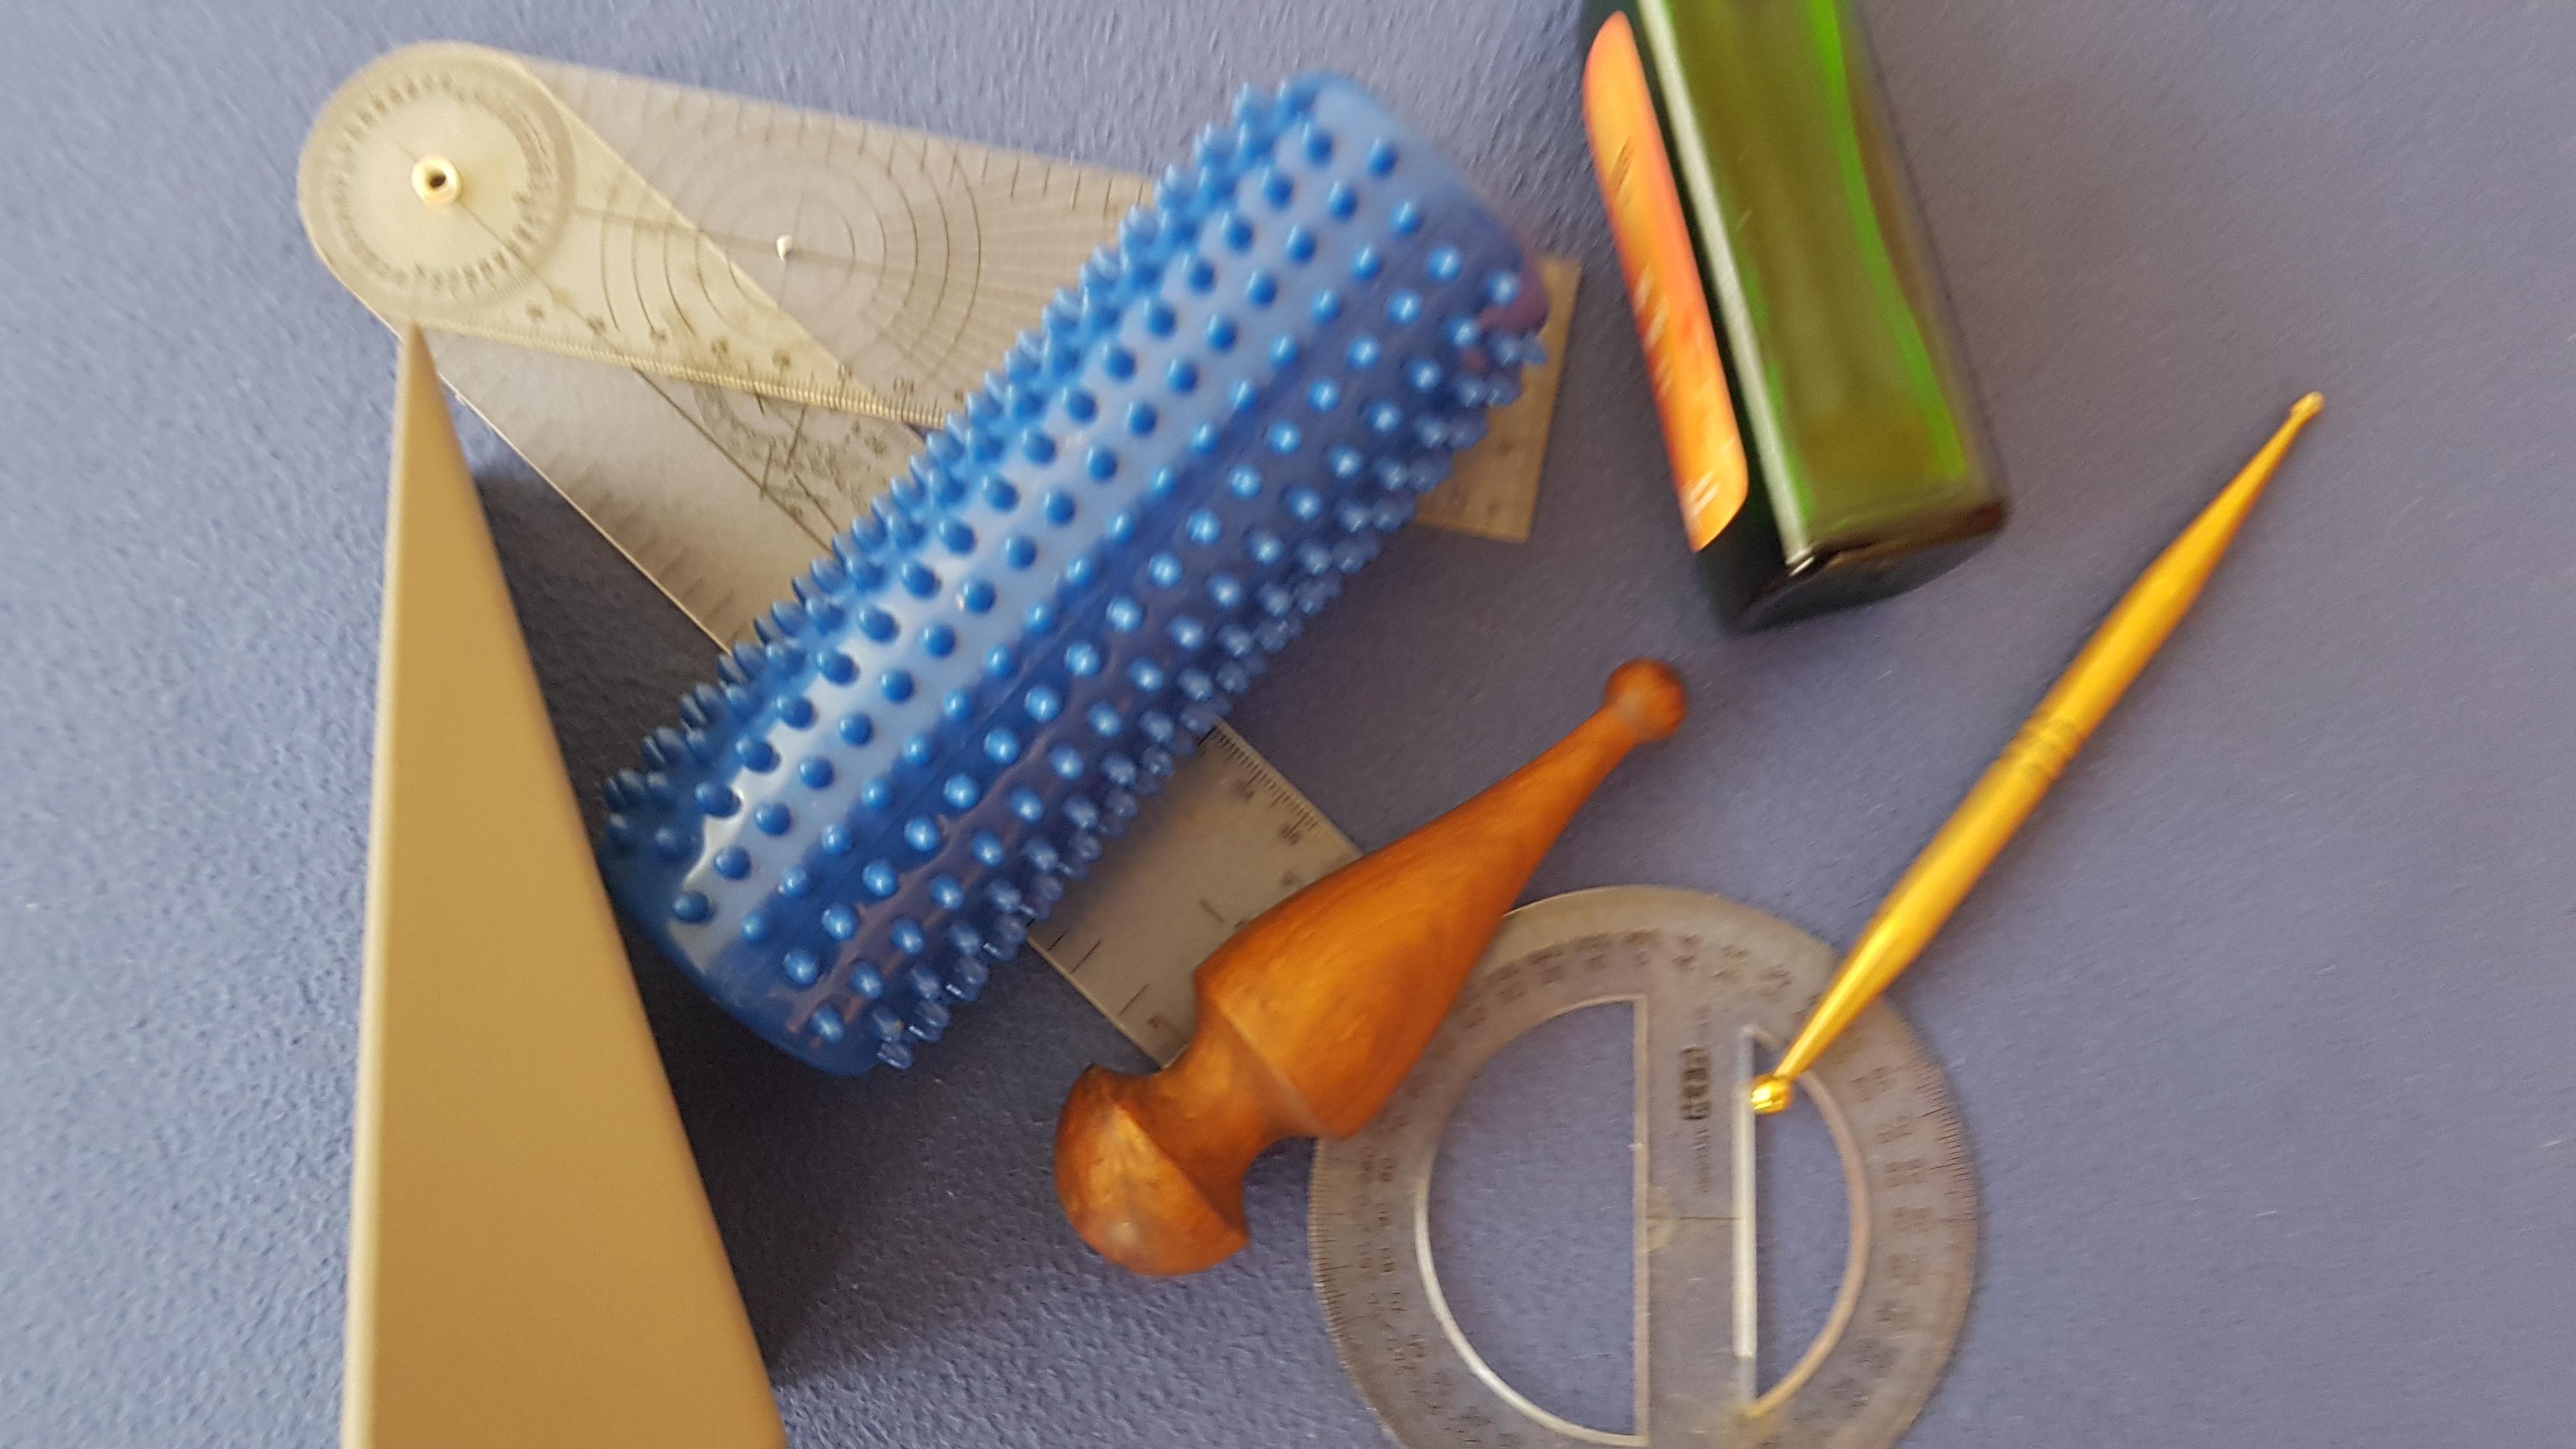 Instrumente für die manuelle Therapi